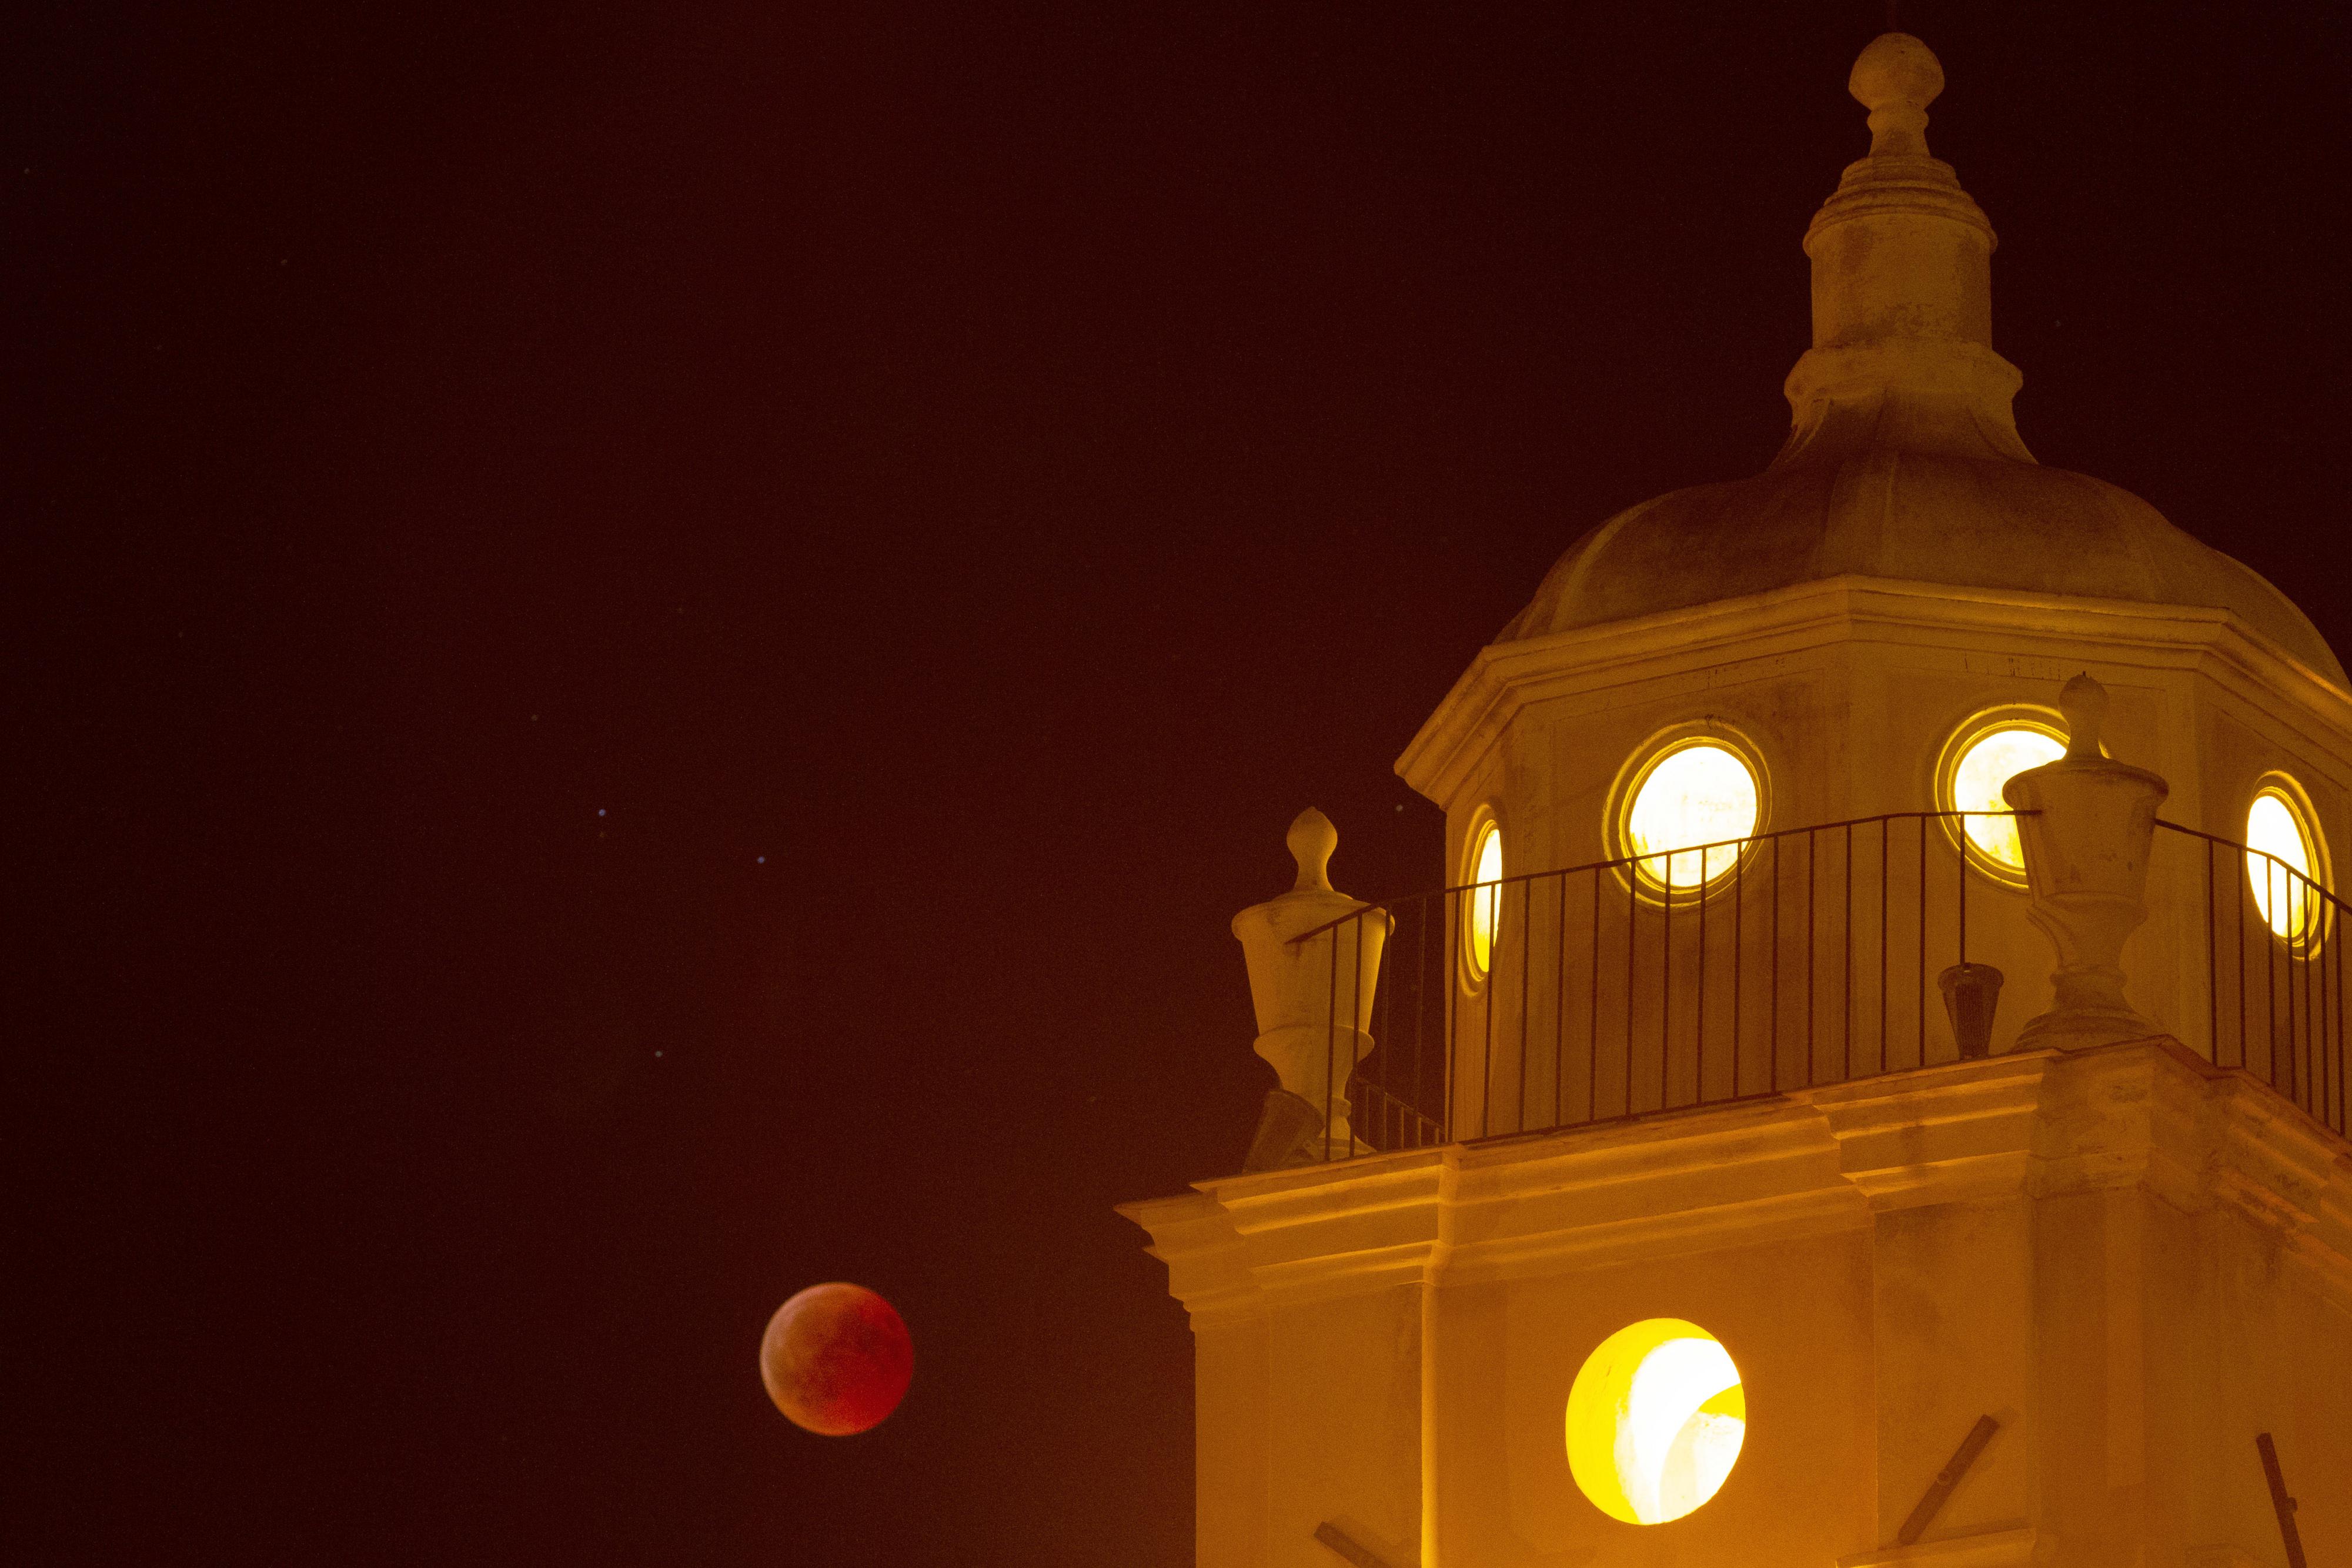 La Lune, rouge de honte, semblait vouloir se cacher dans la clocher de l'église de Cargèse (Corse du sud)